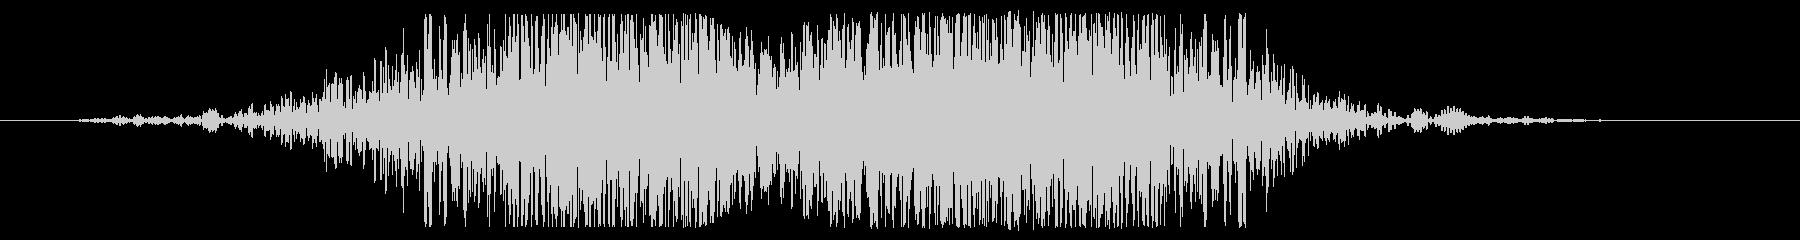 ヘビーメタルスキャンスイープの未再生の波形